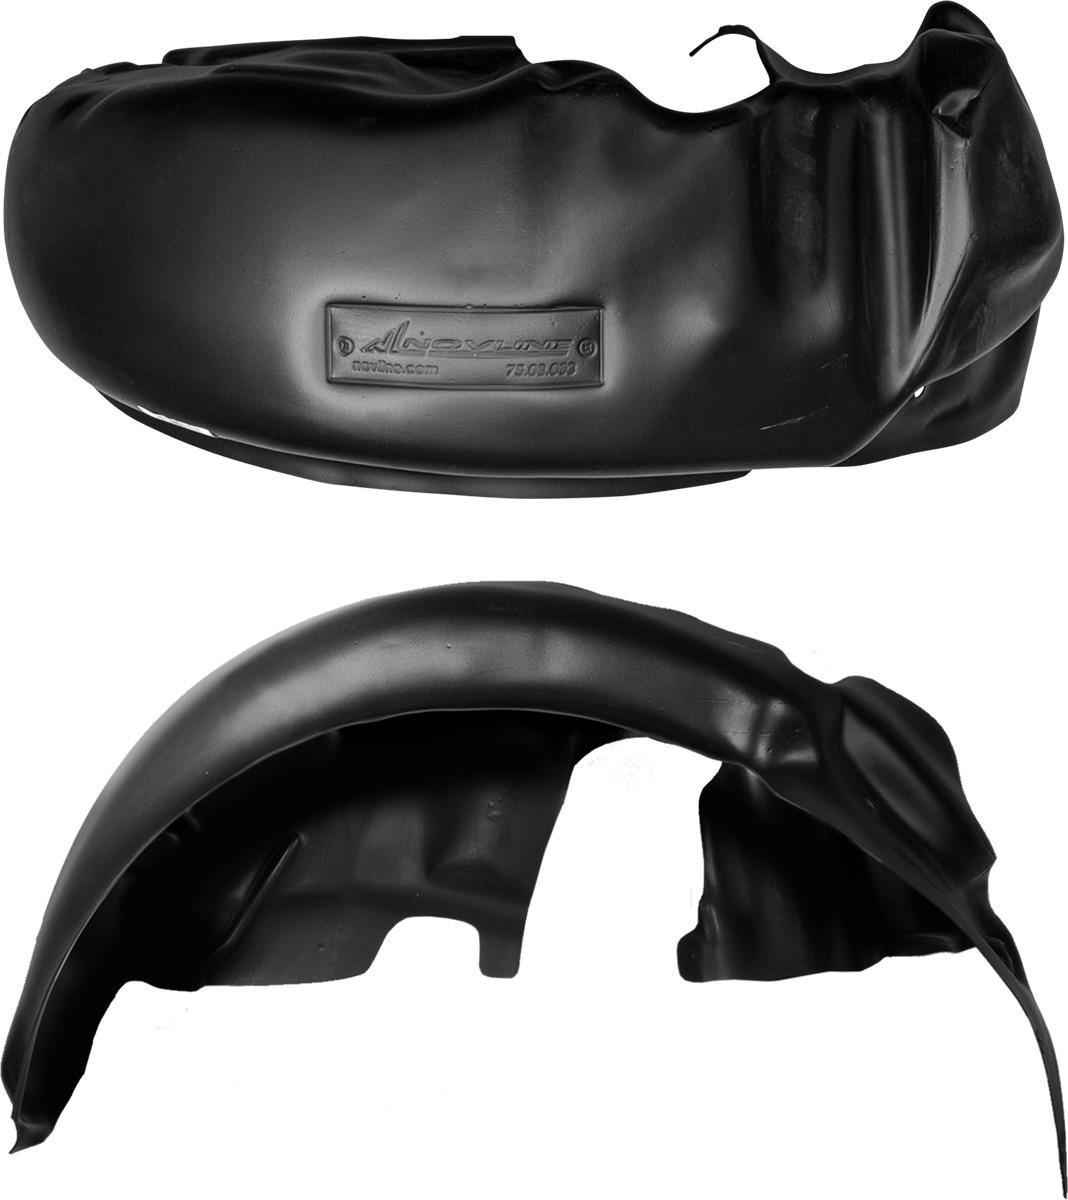 Подкрылок Novline-Autofamily, для Great Wall Hover H3, 2010->, передний левыйNLL.59.09.001Колесные ниши - одни из самых уязвимых зон днища вашего автомобиля. Они постоянно подвергаются воздействию со стороны дороги. Лучшая, почти абсолютная защита для них - специально отформованные пластиковые кожухи, которые называются подкрылками. Производятся они как для отечественных моделей автомобилей, так и для иномарок. Подкрылки Novline-Autofamily выполнены из высококачественного, экологически чистого пластика. Обеспечивают надежную защиту кузова автомобиля от пескоструйного эффекта и негативного влияния, агрессивных антигололедных реагентов. Пластик обладает более низкой теплопроводностью, чем металл, поэтому в зимний период эксплуатации использование пластиковых подкрылков позволяет лучше защитить колесные ниши от налипания снега и образования наледи. Оригинальность конструкции подчеркивает элегантность автомобиля, бережно защищает нанесенное на днище кузова антикоррозийное покрытие и позволяет осуществить крепление подкрылков внутри колесной арки практически без дополнительного крепежа и сверления, не нарушая при этом лакокрасочного покрытия, что предотвращает возникновение новых очагов коррозии. Подкрылки долговечны, обладают высокой прочностью и сохраняют заданную форму, а также все свои физико-механические характеристики в самых тяжелых климатических условиях (от -50°С до +50°С).Уважаемые клиенты!Обращаем ваше внимание, на тот факт, что подкрылок имеет форму, соответствующую модели данного автомобиля. Фото служит для визуального восприятия товара.